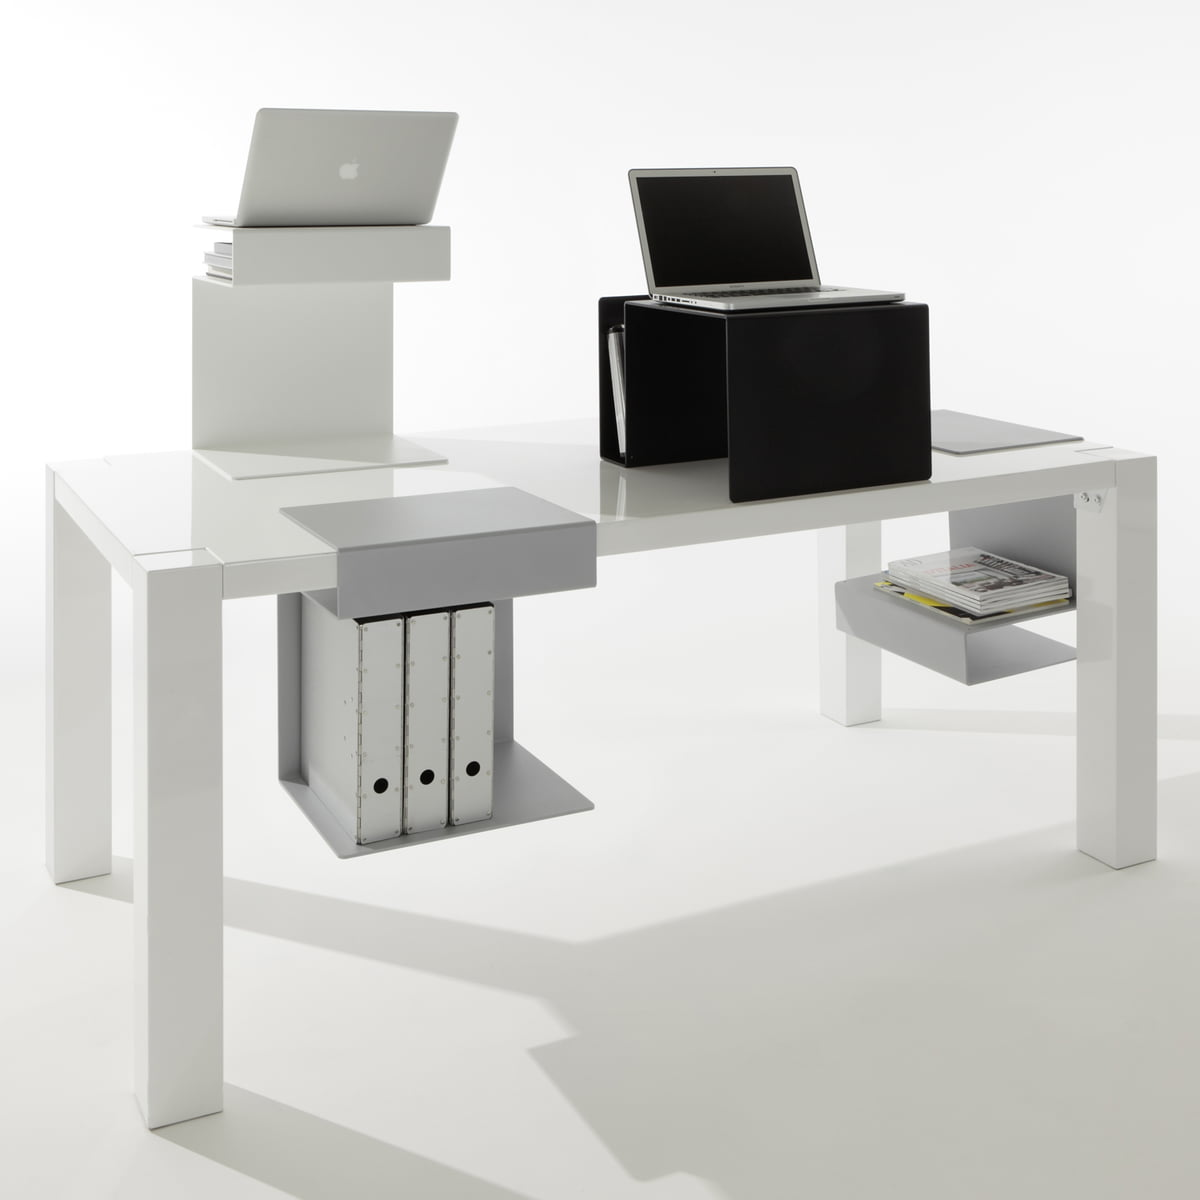 huk multifunktionsm bel von m ller m belwerkst tten connox. Black Bedroom Furniture Sets. Home Design Ideas